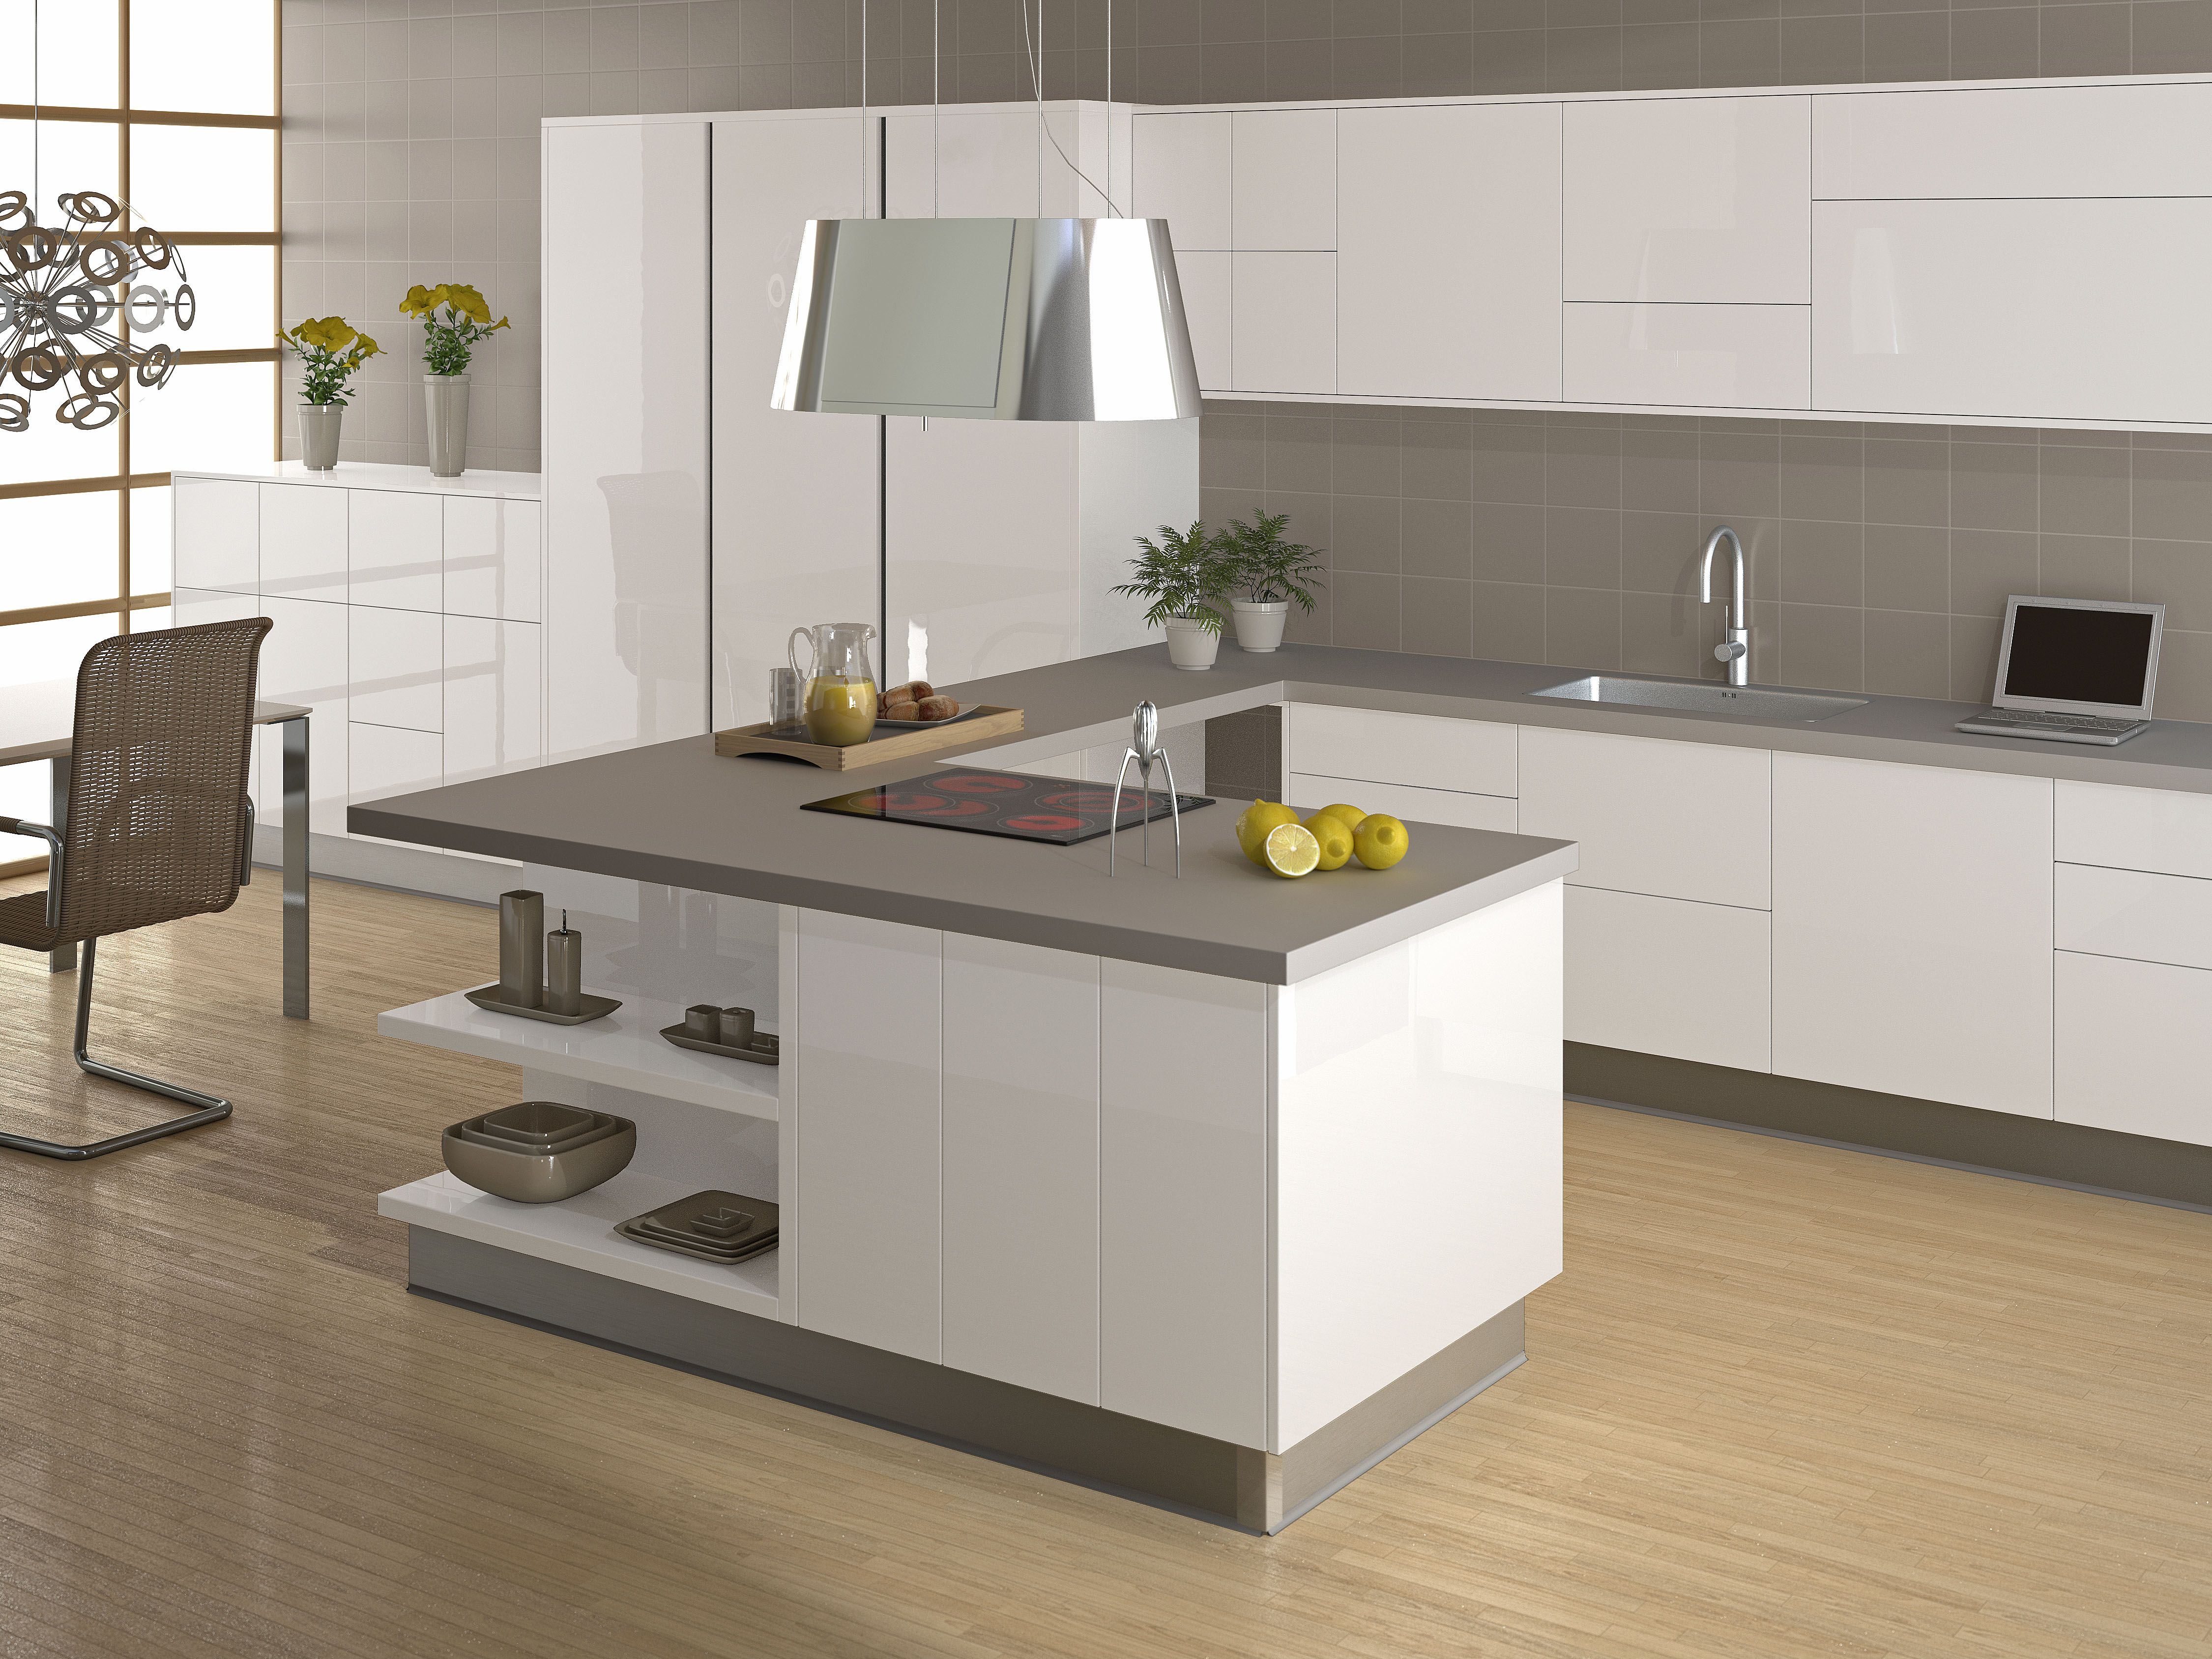 Cocinas modernas buscar con google cocinas pinterest for Cocinas integrales modernas